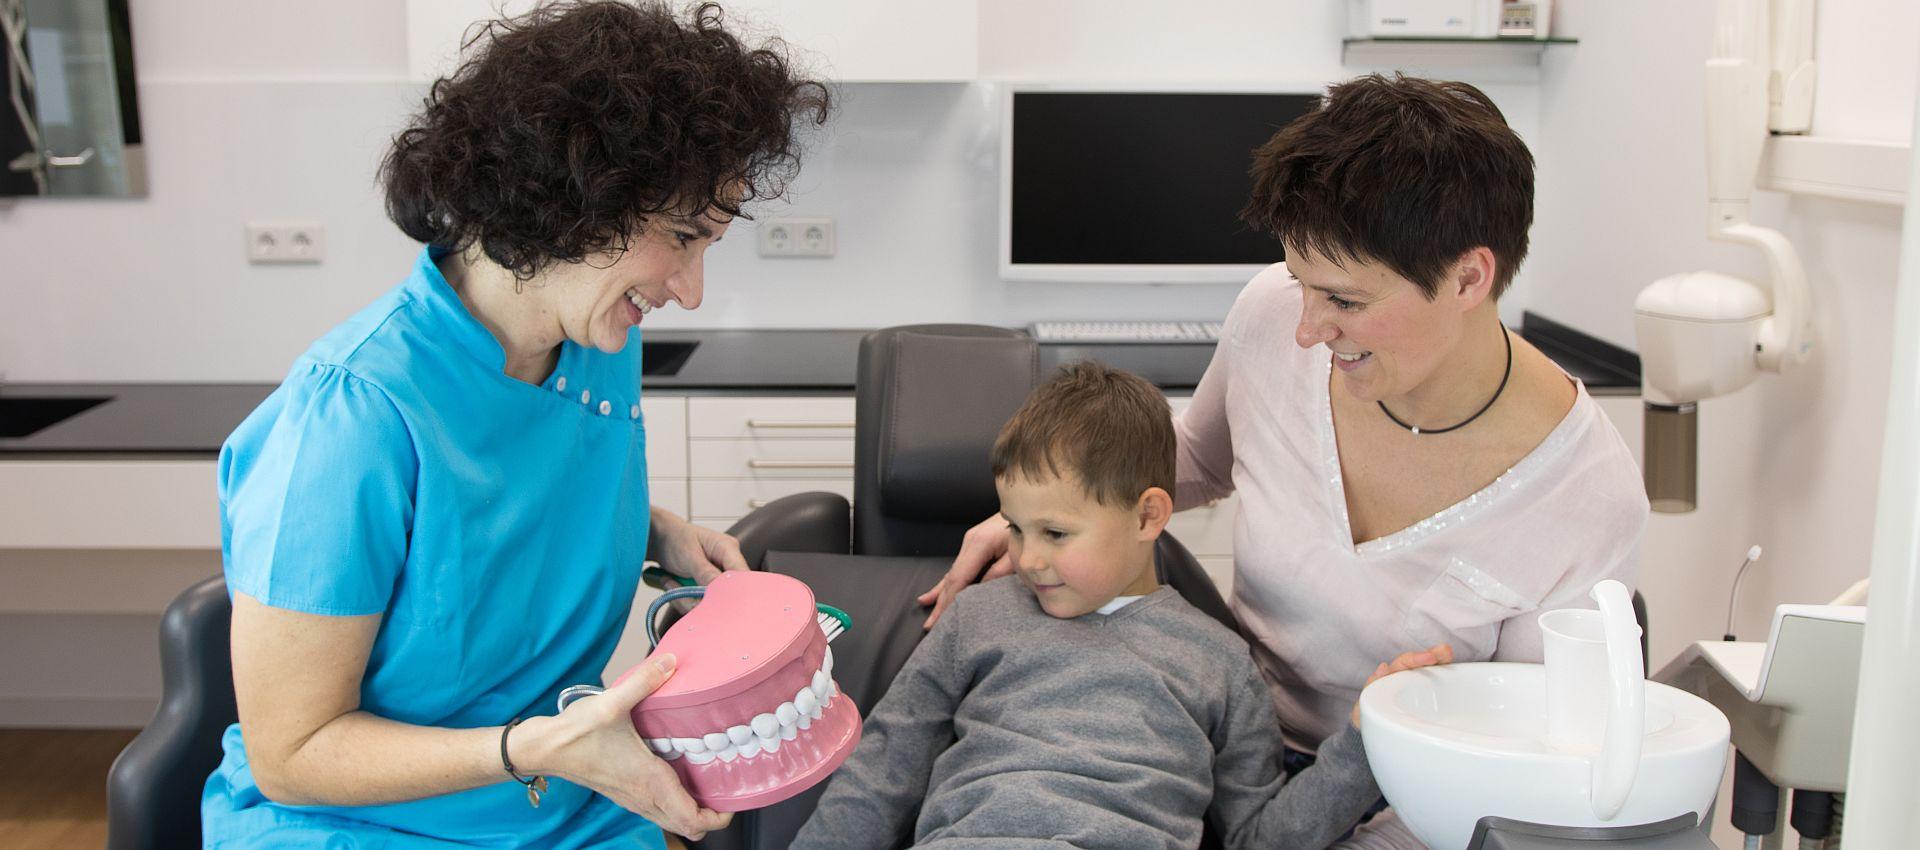 Kinderzahnarzt - Eltern fragen